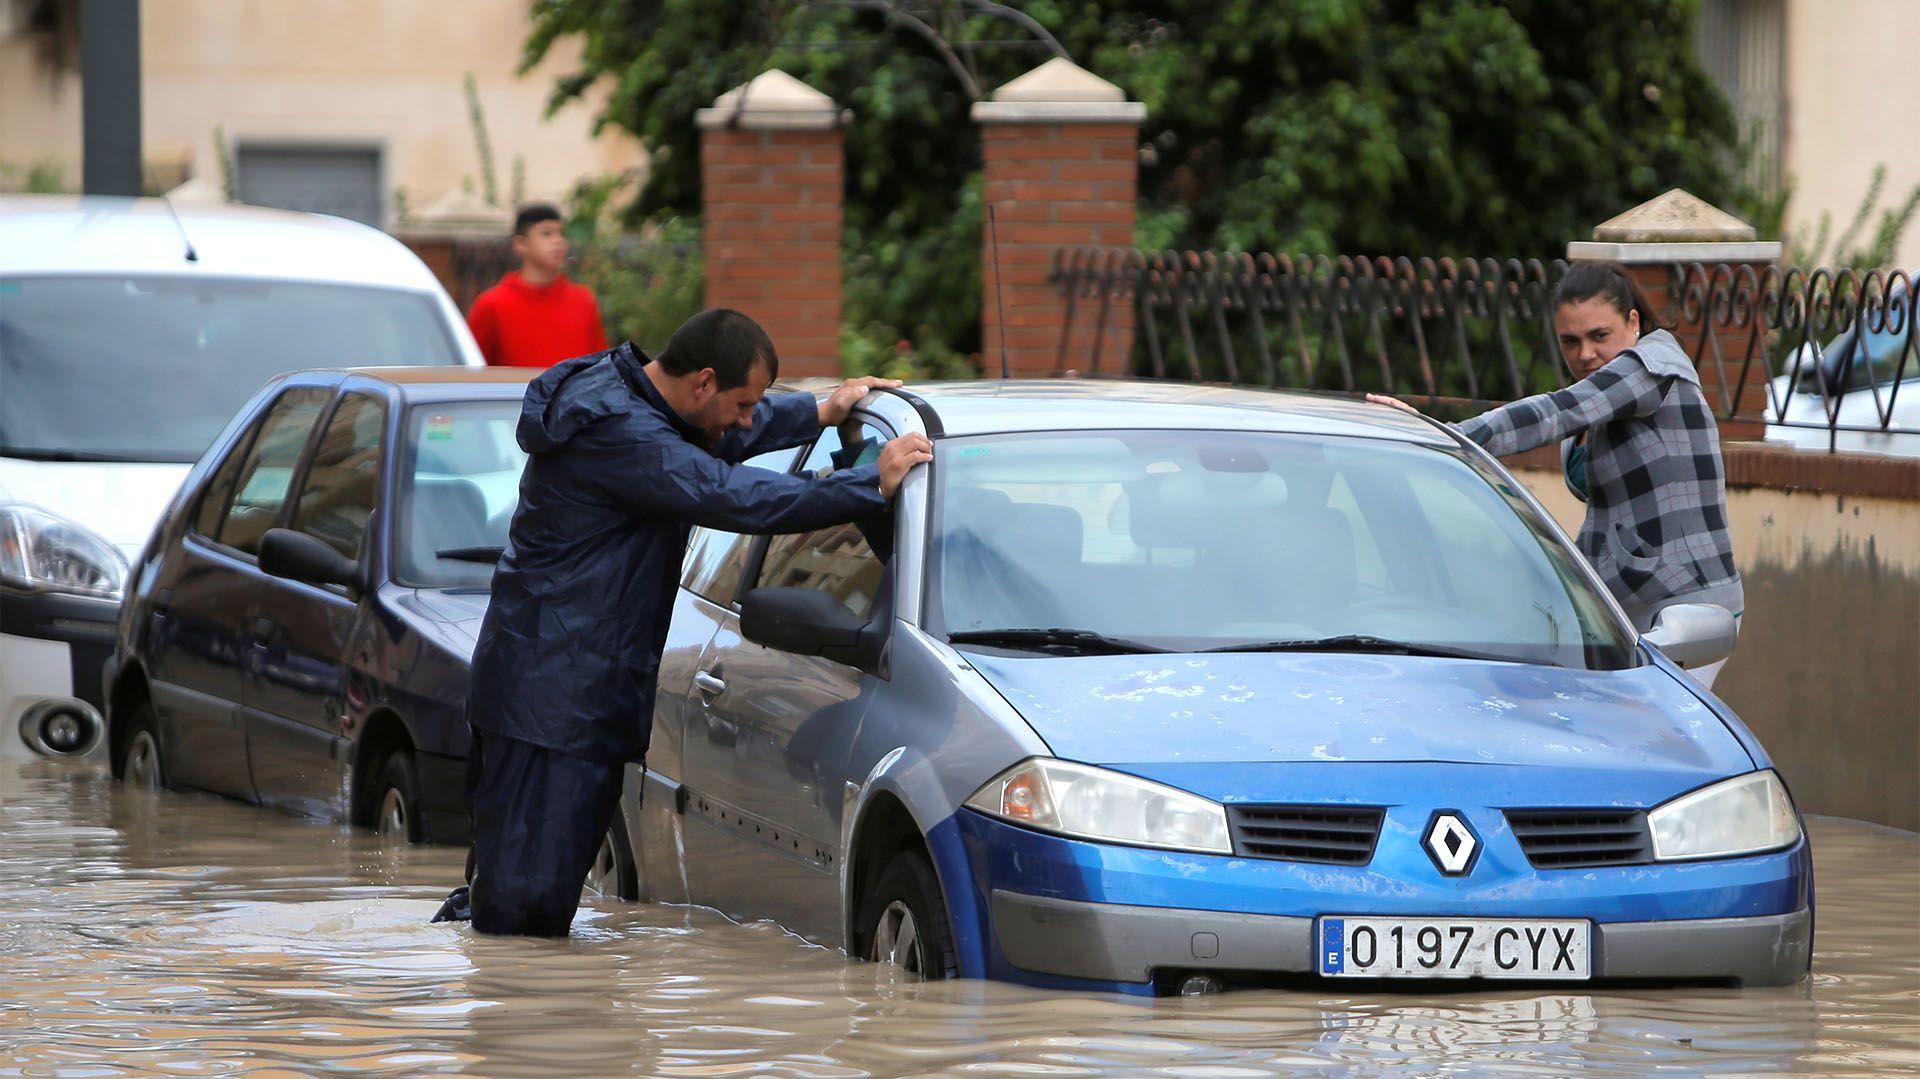 La gente es vista junto a un coche parcialmente sumergido cuando las lluvias torrenciales golpearon Orihuela, España, el 13 de septiembre de 2019 (REUTERS/Jon Nazca)